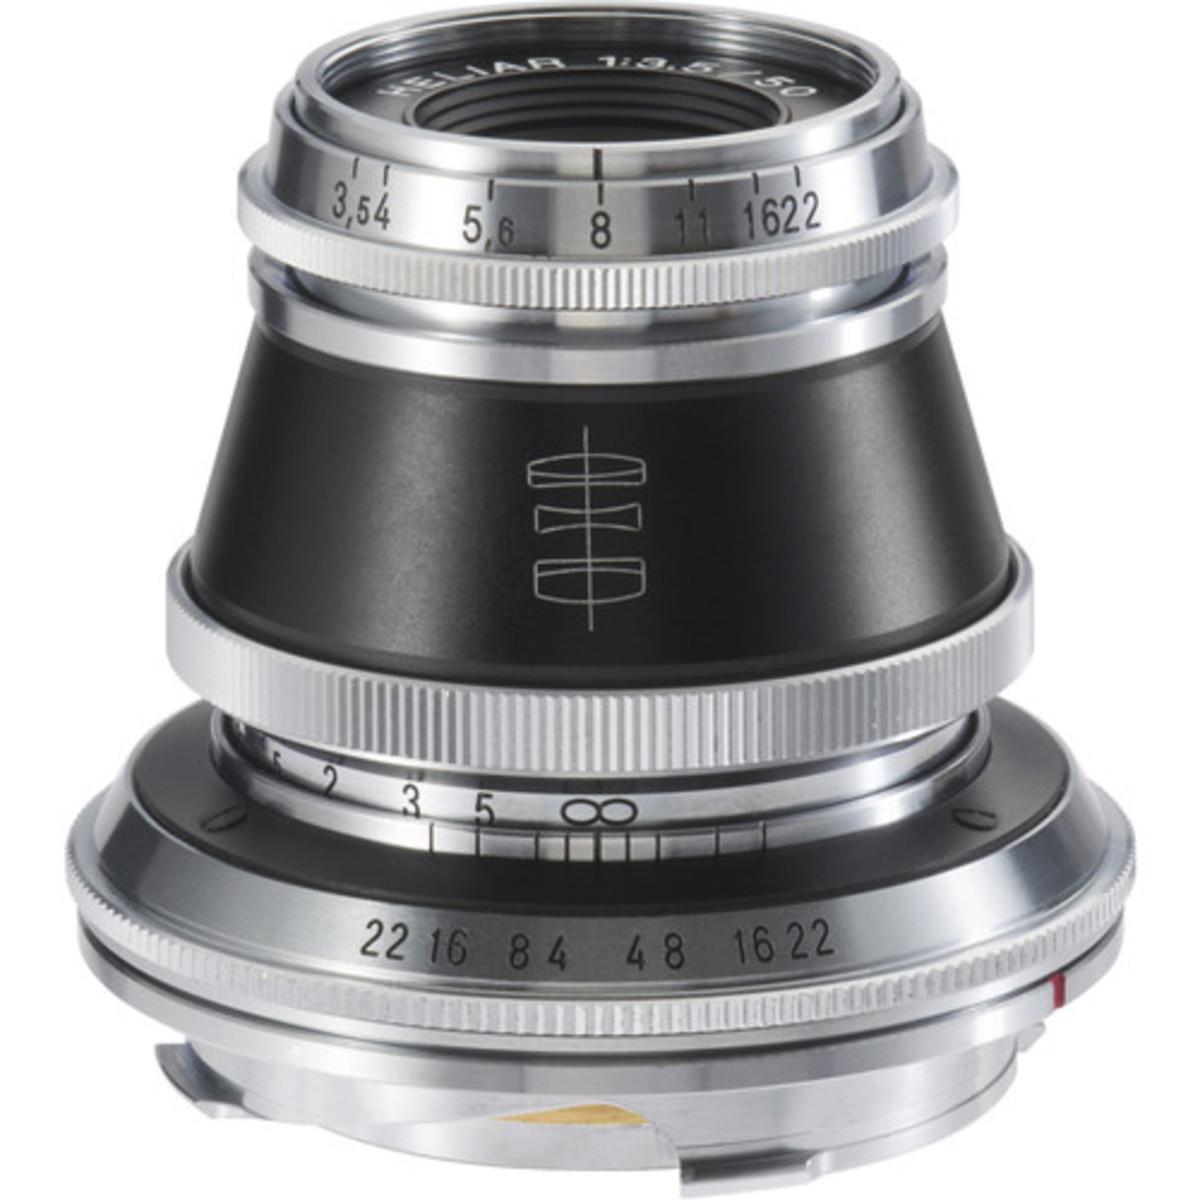 Voigtlander Helliar 50mm F/3.5